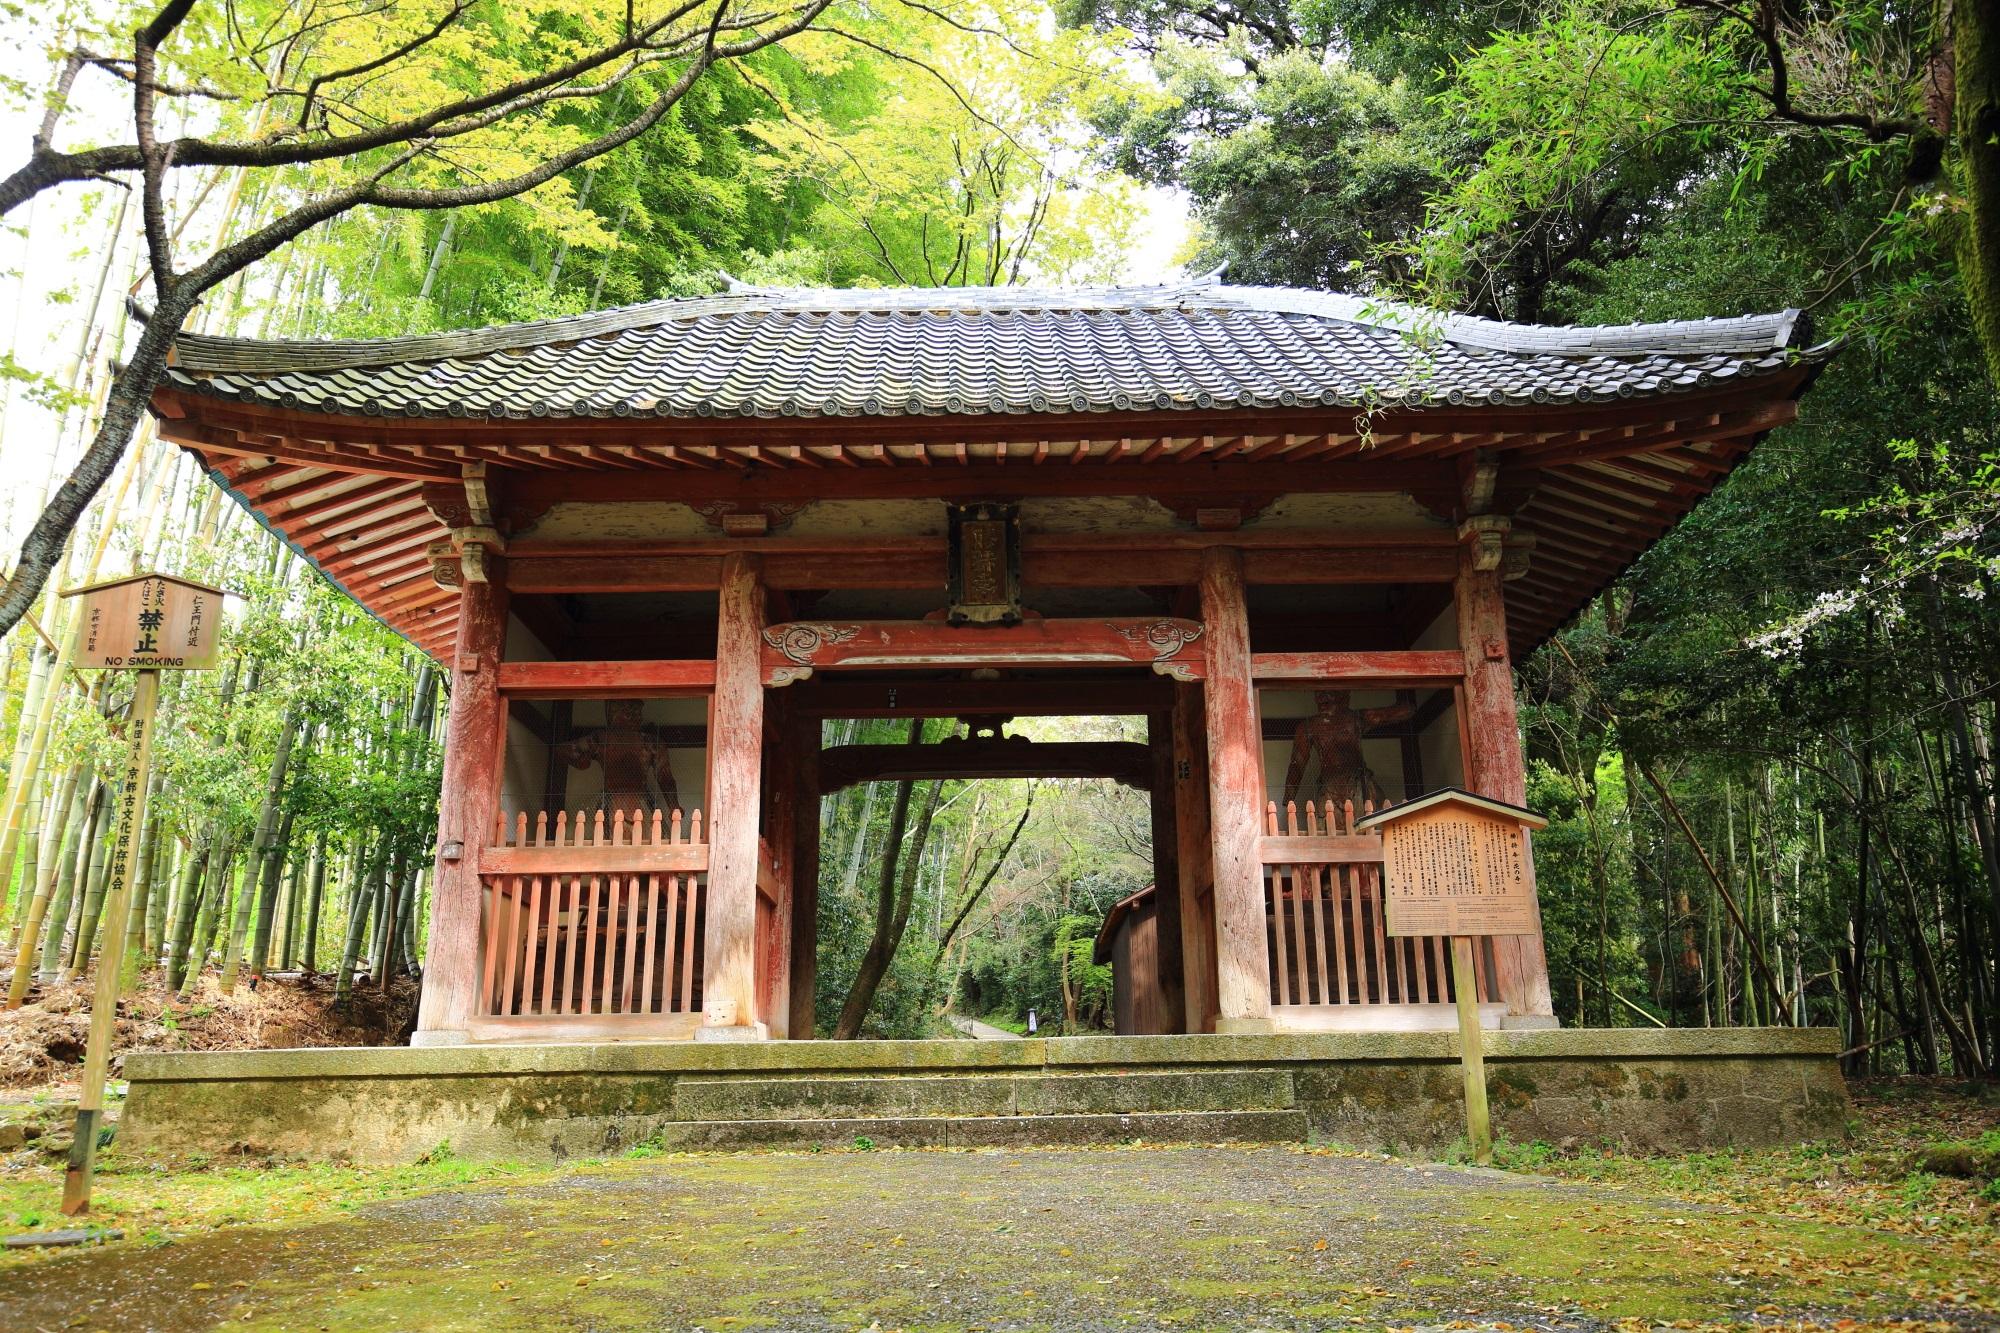 竹林に佇む見事な構えの仁王門